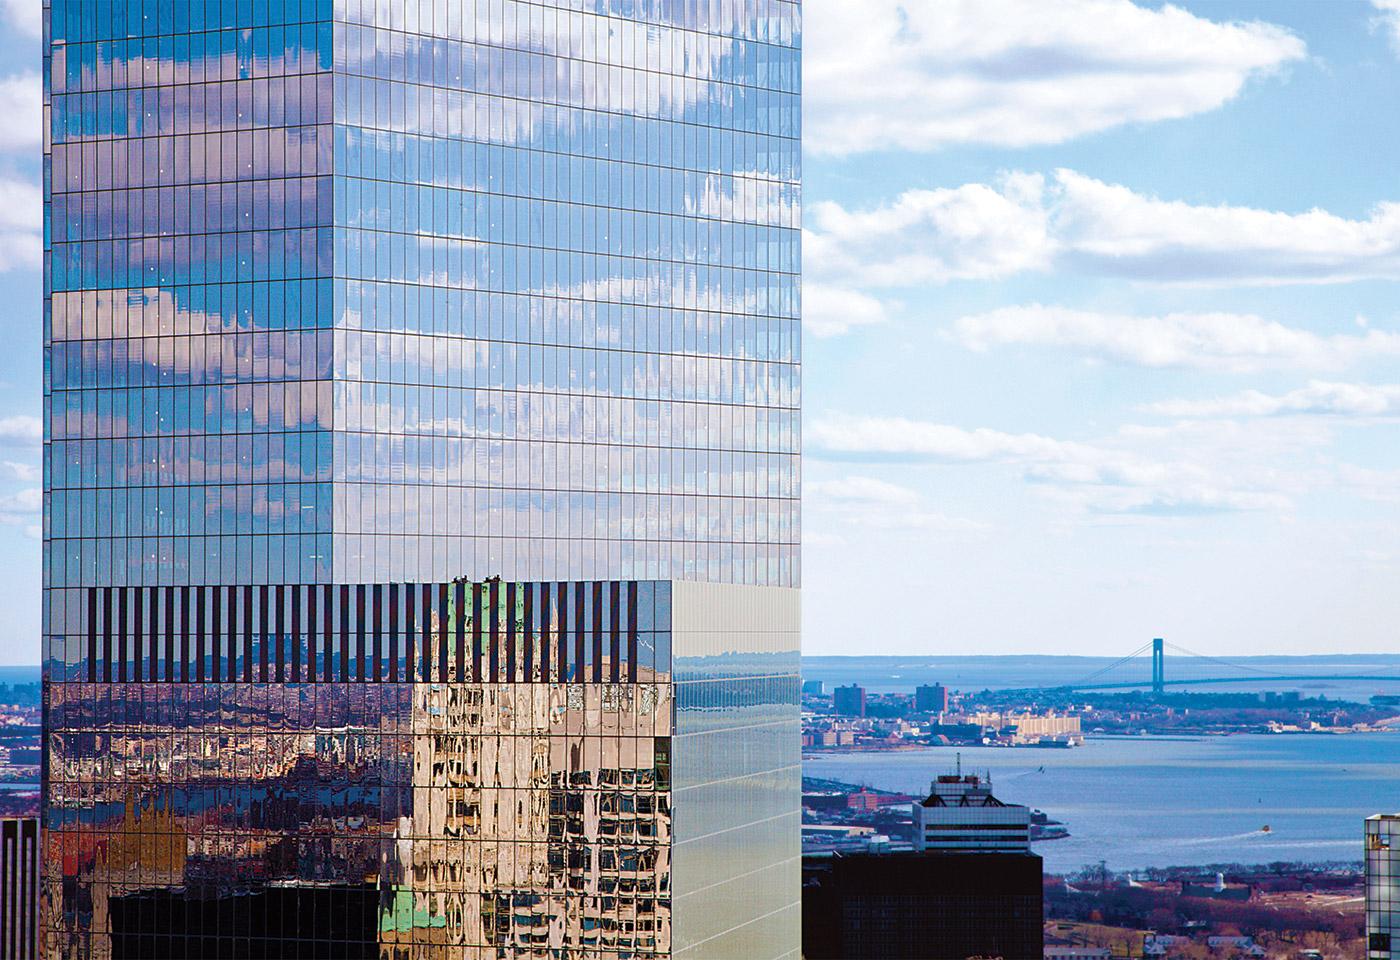 Основным арендатором башни-зеркала стало транспортное ведомство штатов Нью-Йорк иНью-Джерси, более известное какPort Authority